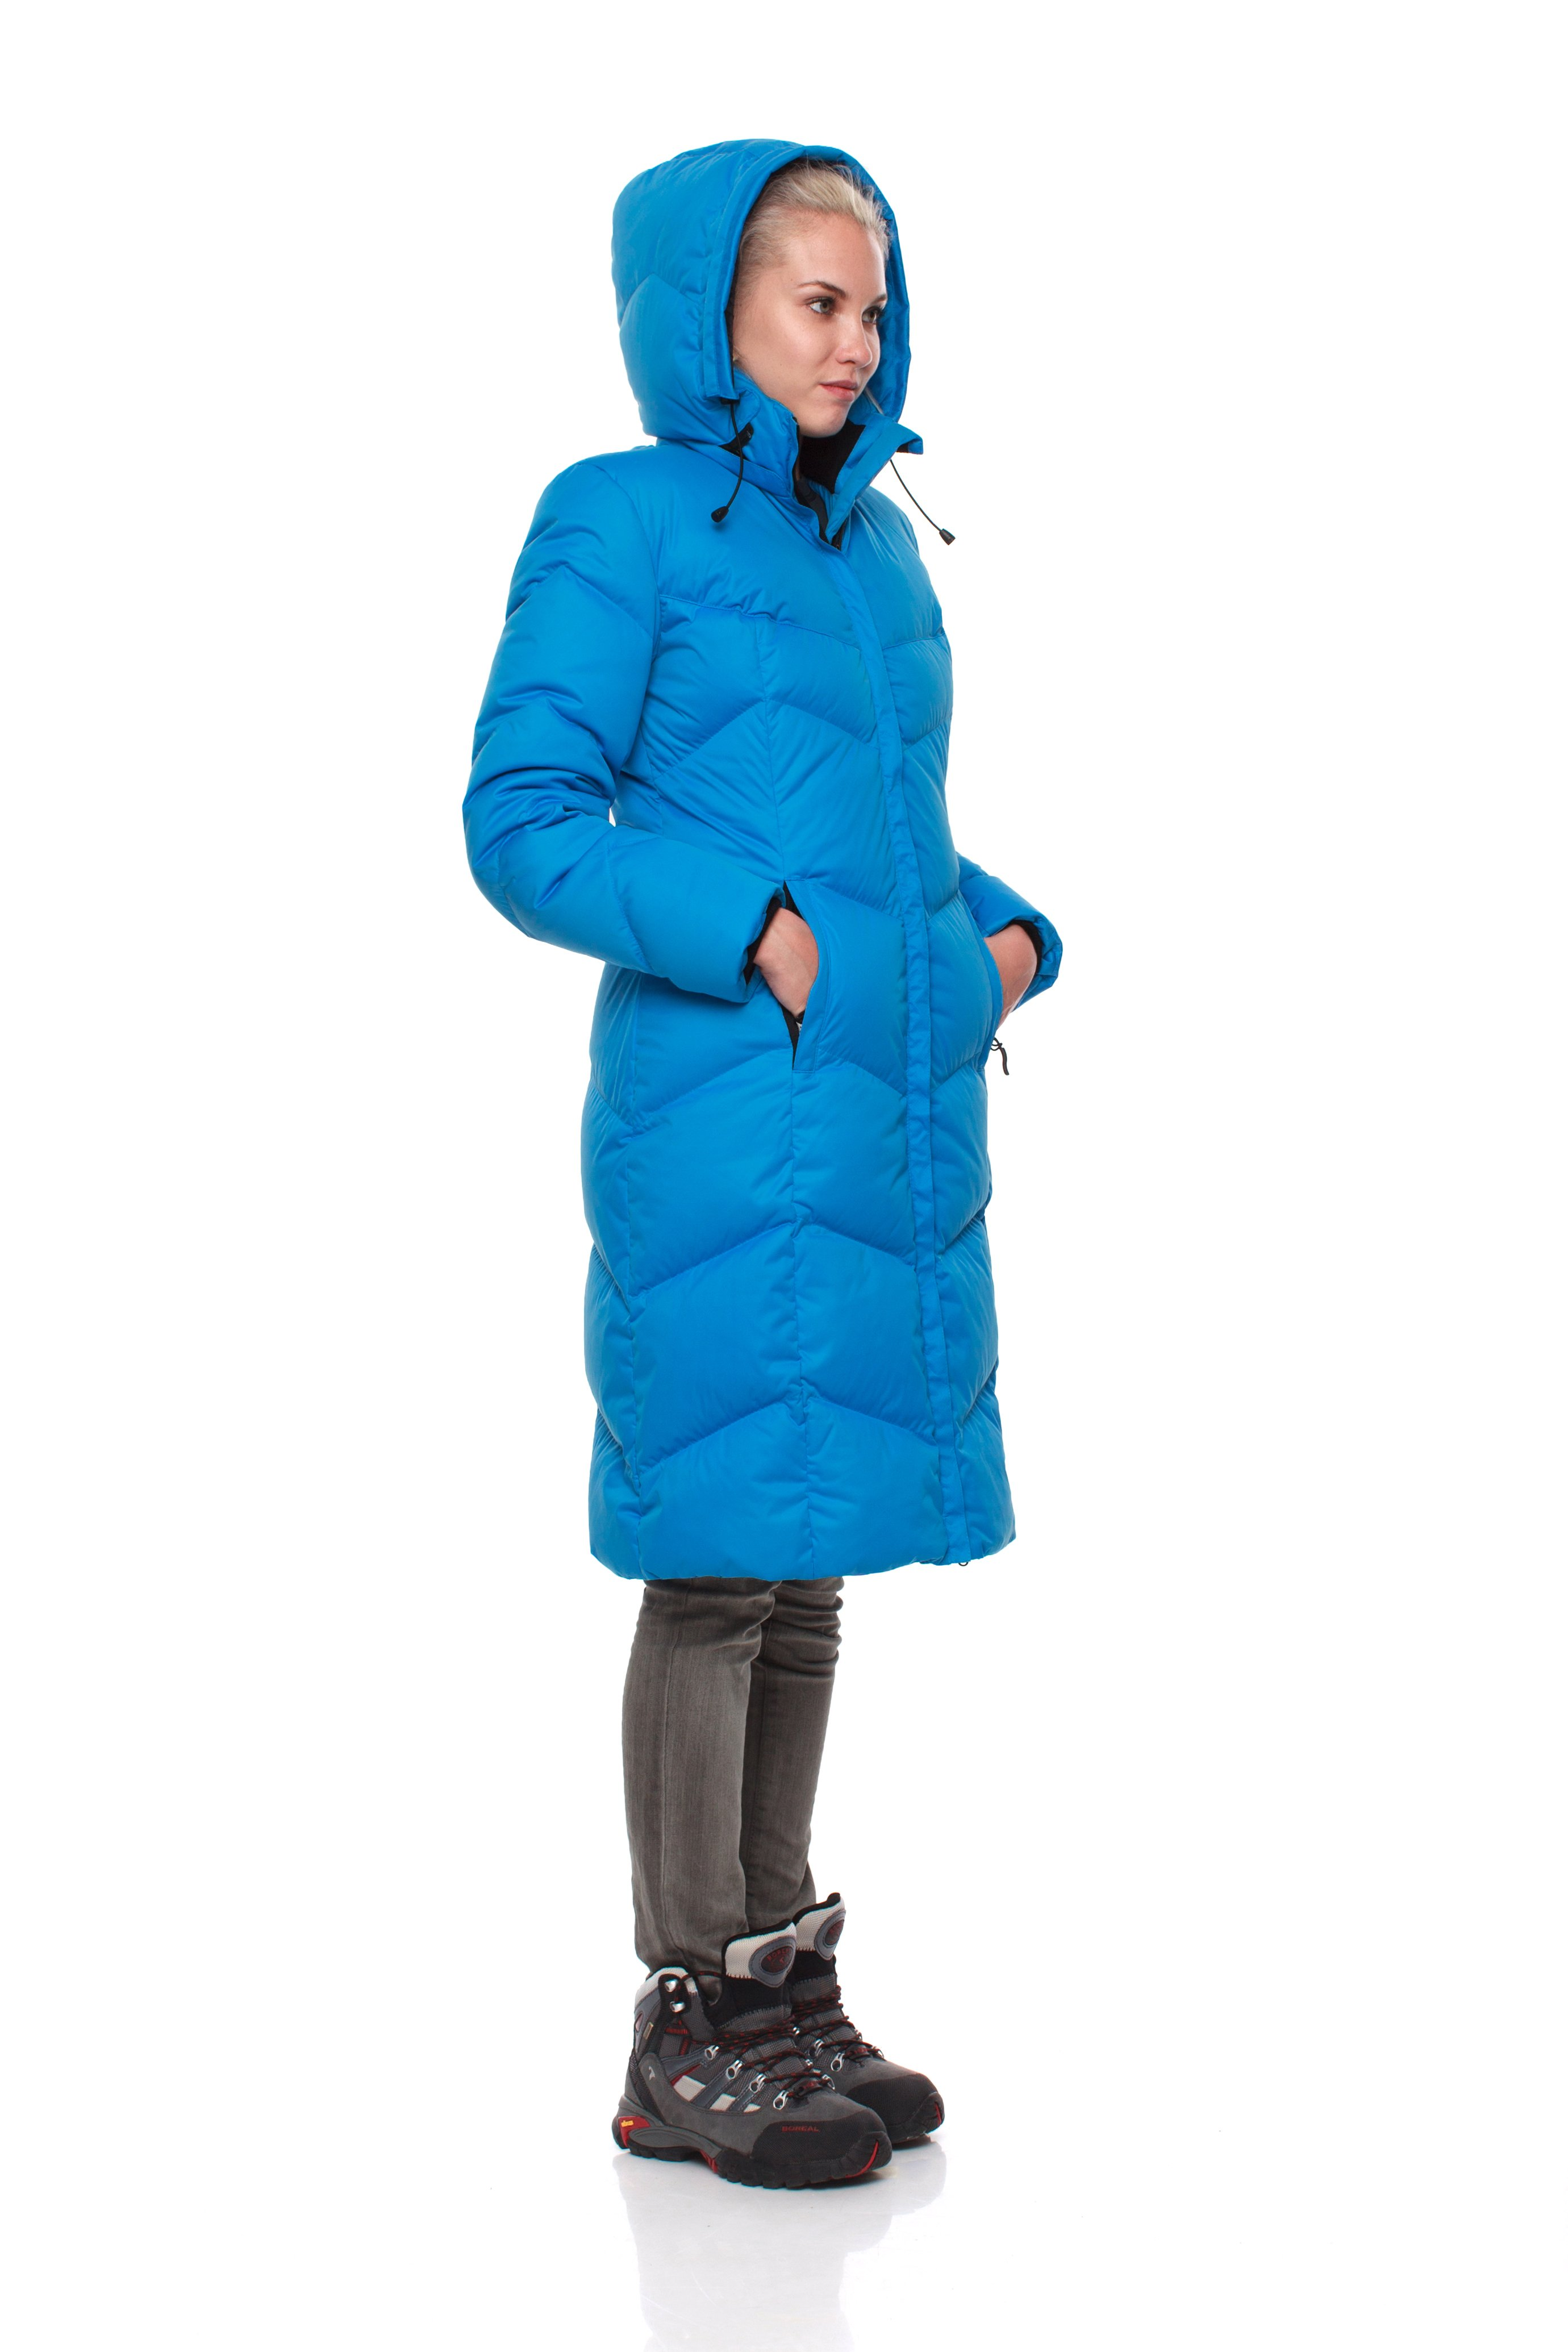 Пуховое пальто BASK SNOWFLAKE 5454Тёплое зимнее женское пуховое пальто из коллекции BASK CITY. Элегантный силуэт и модные расцветки. Капюшон с отстегивающейся меховой опушкой.<br><br>Верхняя ткань: Advance® Ice<br>Вес граммы: 1700<br>Вес утеплителя: 320<br>Ветро-влагозащитные свойства верхней ткани: Нет<br>Ветрозащитная планка: Да<br>Ветрозащитная юбка: Нет<br>Влагозащитные молнии: Нет<br>Внутренние манжеты: Да<br>Внутренняя ткань: Advance® Classic<br>Дублирующий центральную молнию клапан: Да<br>Защитный козырёк капюшона: Нет<br>Капюшон: отстегивается<br>Карман для средств связи: Нет<br>Количество внешних карманов: 2<br>Количество внутренних карманов: 2<br>Коллекция: BASK CITY<br>Мембрана: Нет<br>Объемный крой локтевой зоны: Нет<br>Отстёгивающиеся рукава: Нет<br>Показатель Fill Power (для пуховых изделий): 700<br>Пол: Женский<br>Проклейка швов: Нет<br>Регулировка манжетов рукавов: Нет<br>Регулировка низа: Нет<br>Регулировка объёма капюшона: Нет<br>Регулировка талии: Нет<br>Регулируемые вентиляционные отверстия: Нет<br>Световозвращающая лента: Нет<br>Температурный режим: -15<br>Технология Thermal Welding: Нет<br>Технология швов: Простые<br>Тип молнии: Двухзамковая<br>Тип утеплителя: Натуральный<br>Усиление контактных зон: Нет<br>Утеплитель: Гусиный пух<br>Размер INT: S<br>Цвет: СИНИЙ